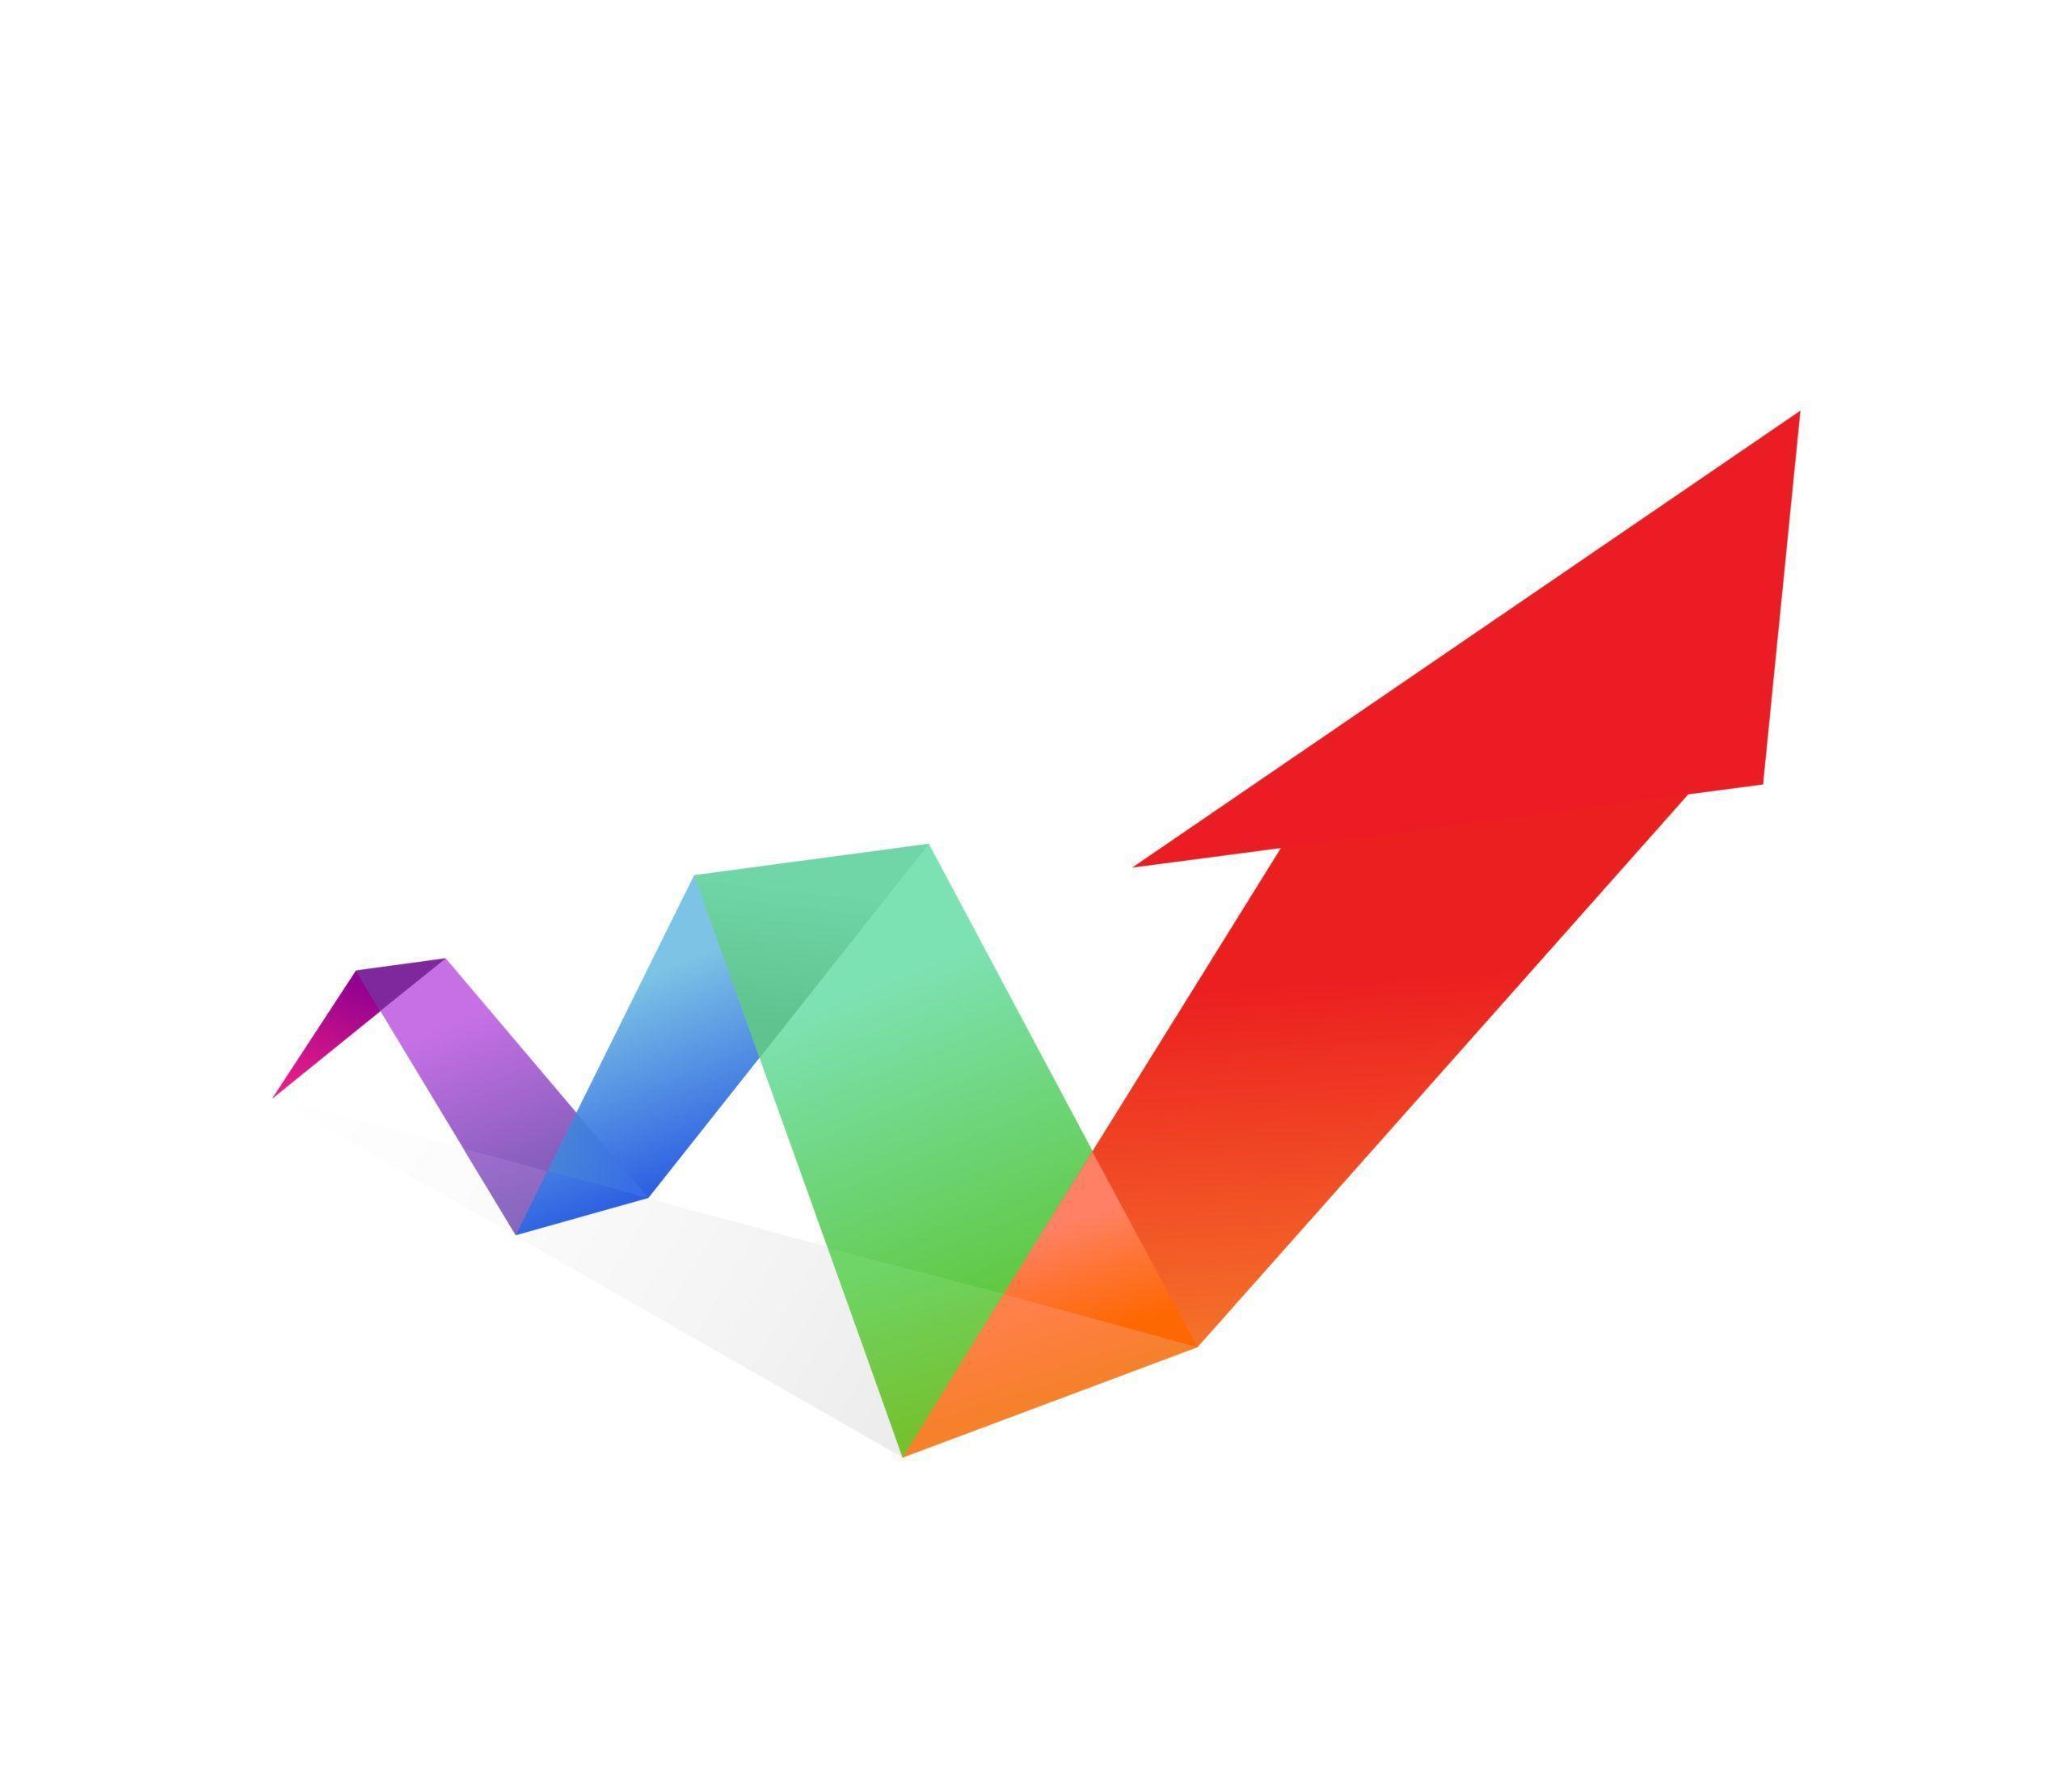 W co inwestować, gdy rośnie inflacja?